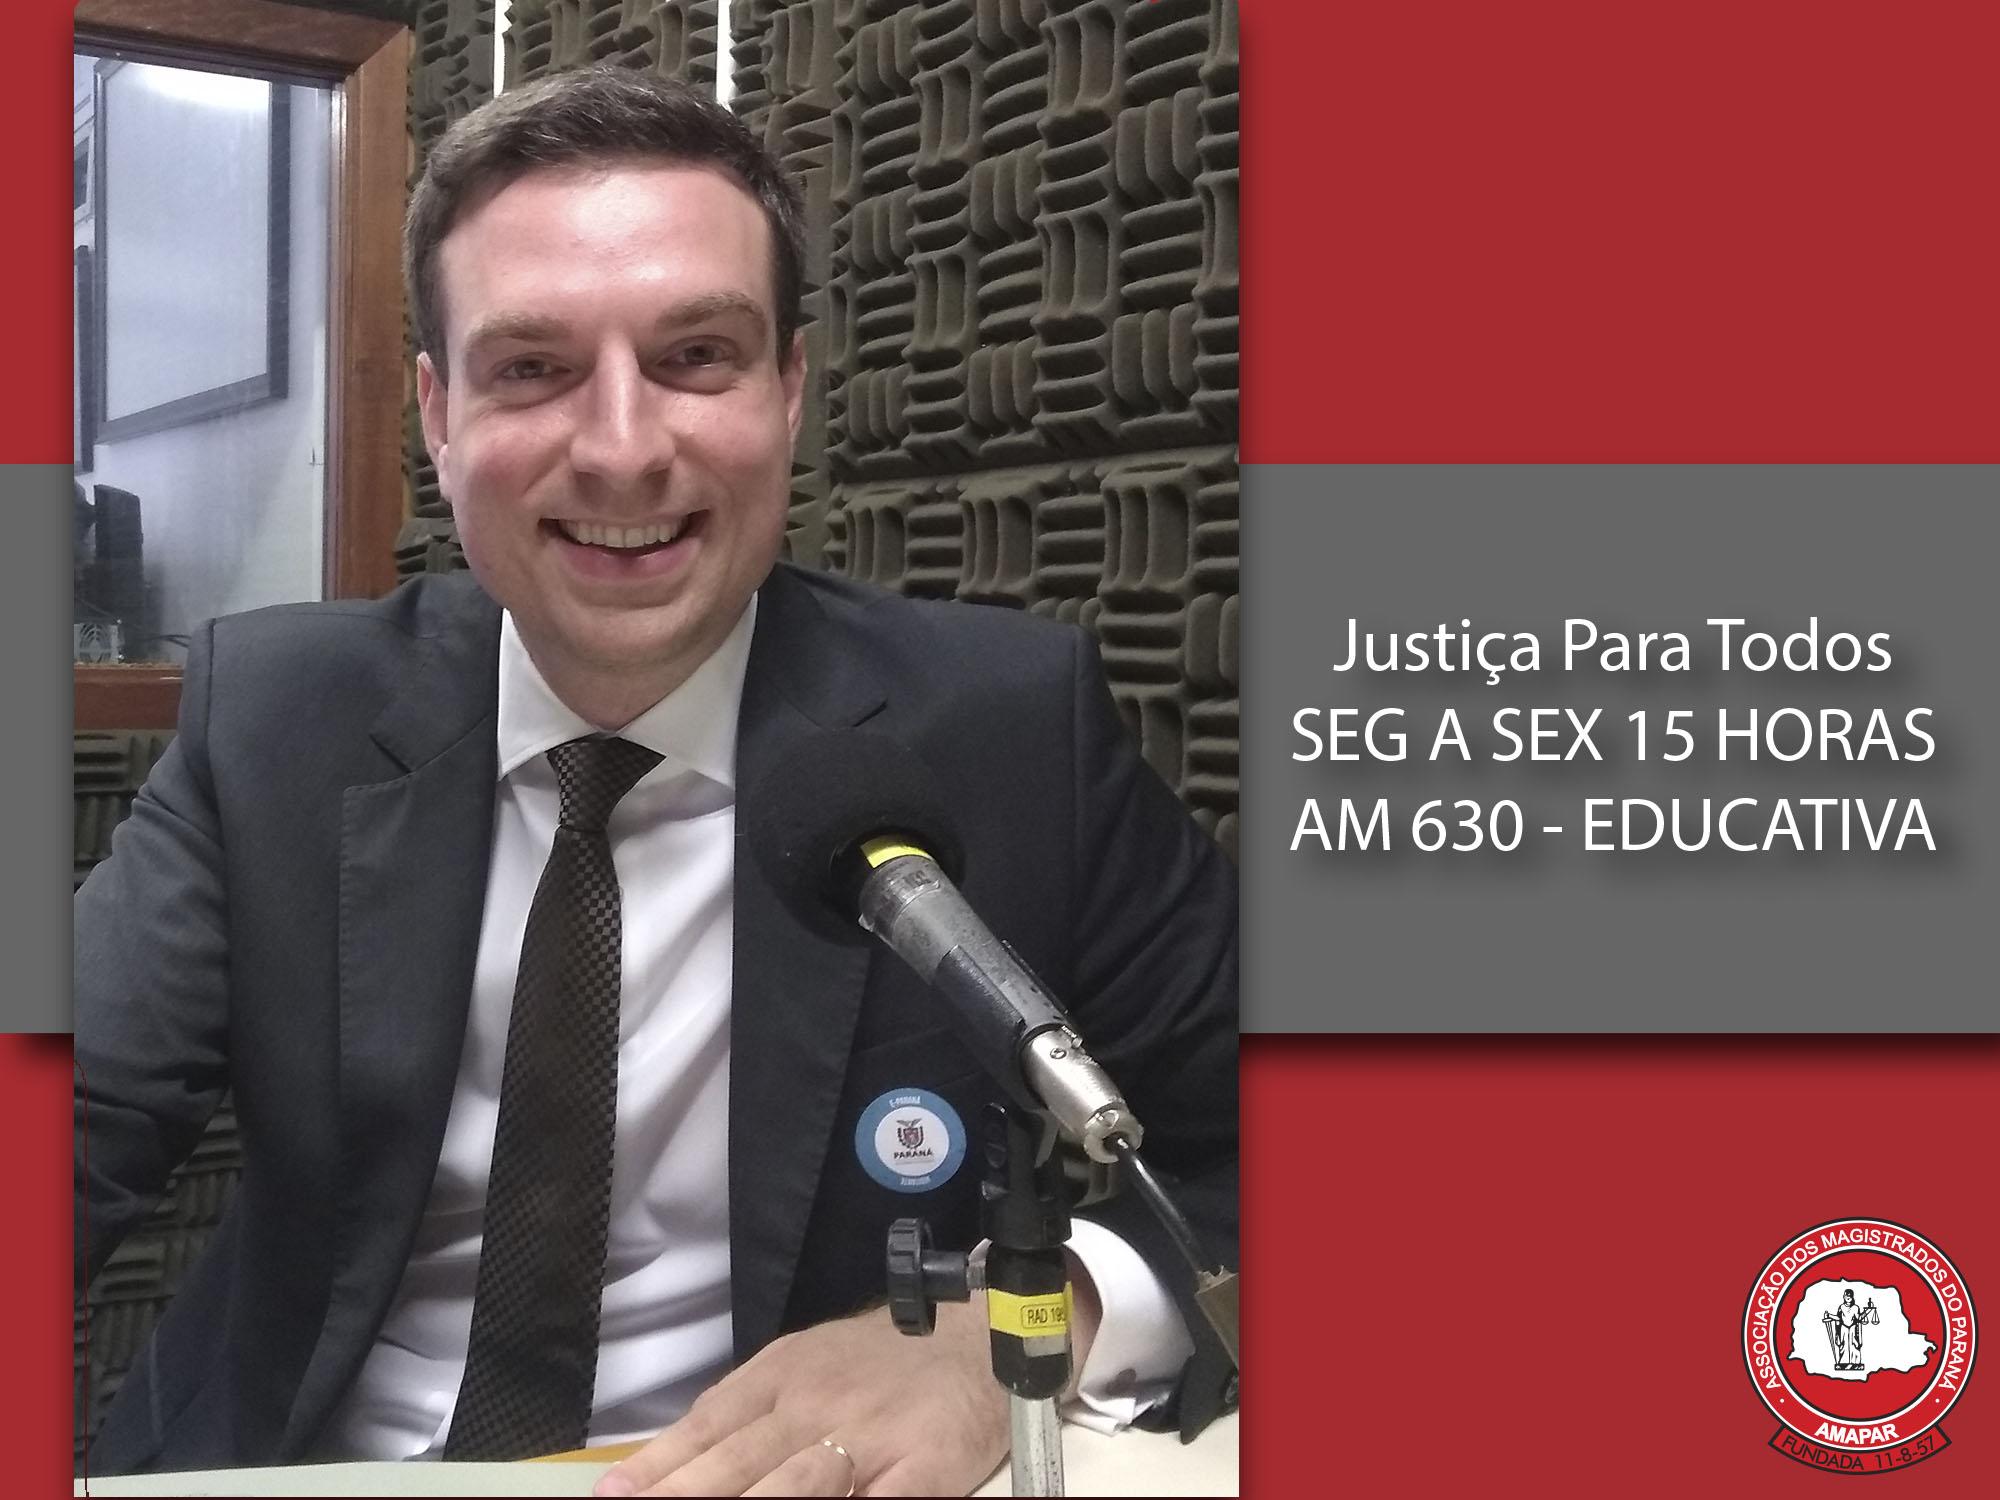 Direito à legítima defesa é tema de edição do Justiça Para Todos